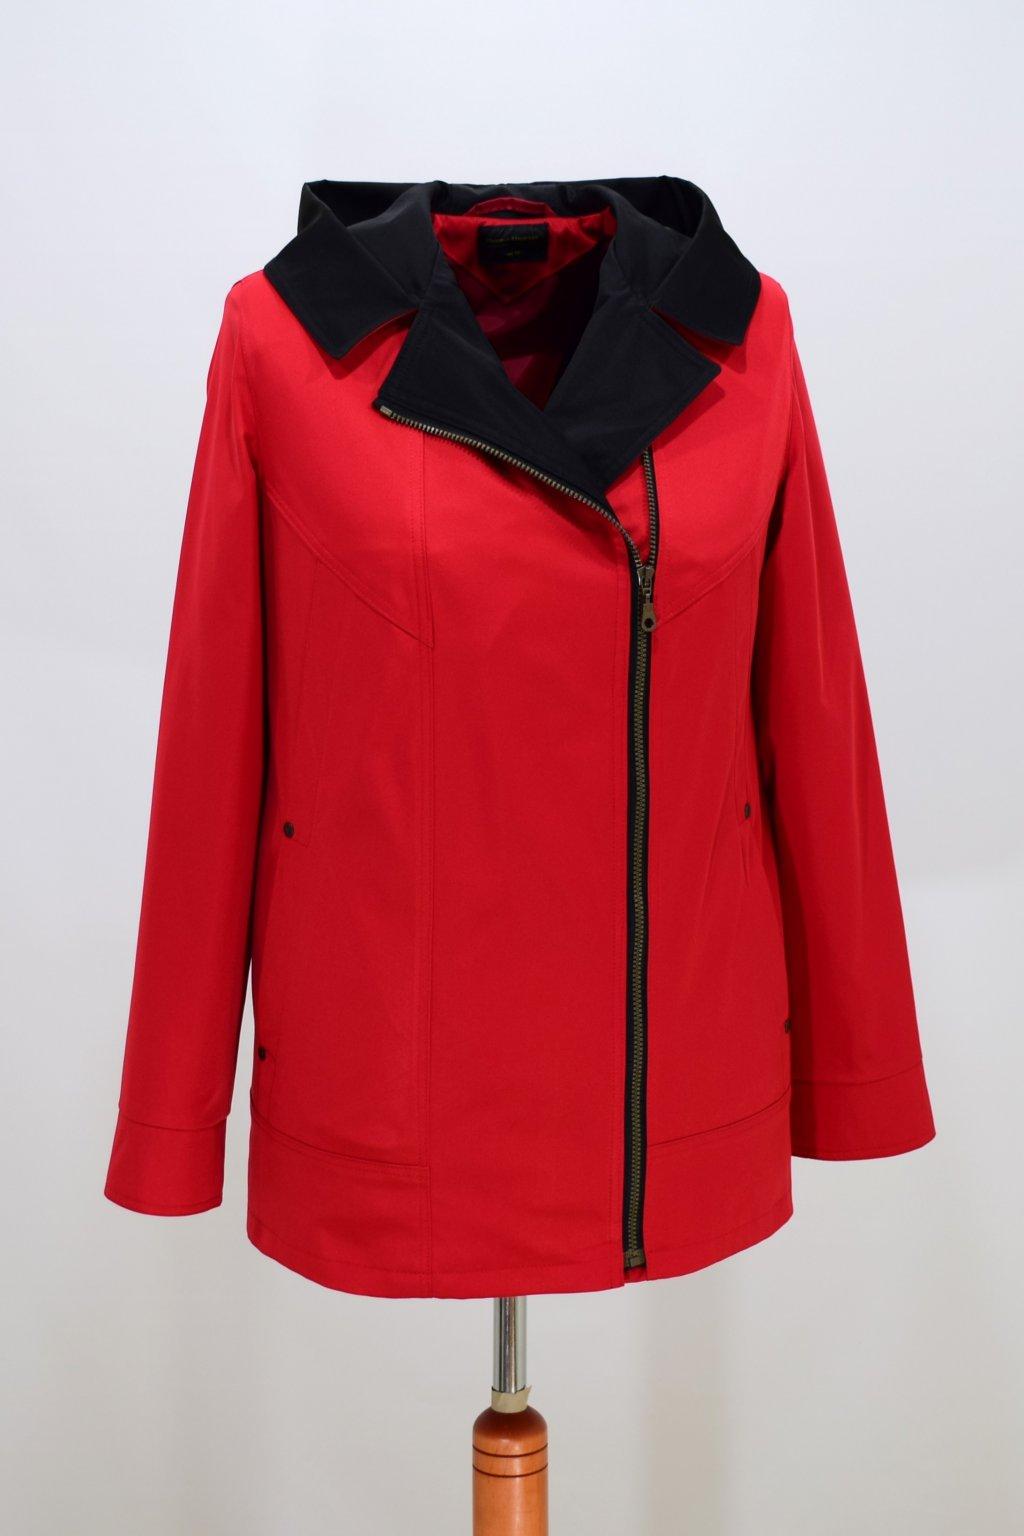 Dámská červená jarní bunda Marika nadměrné velikosti.